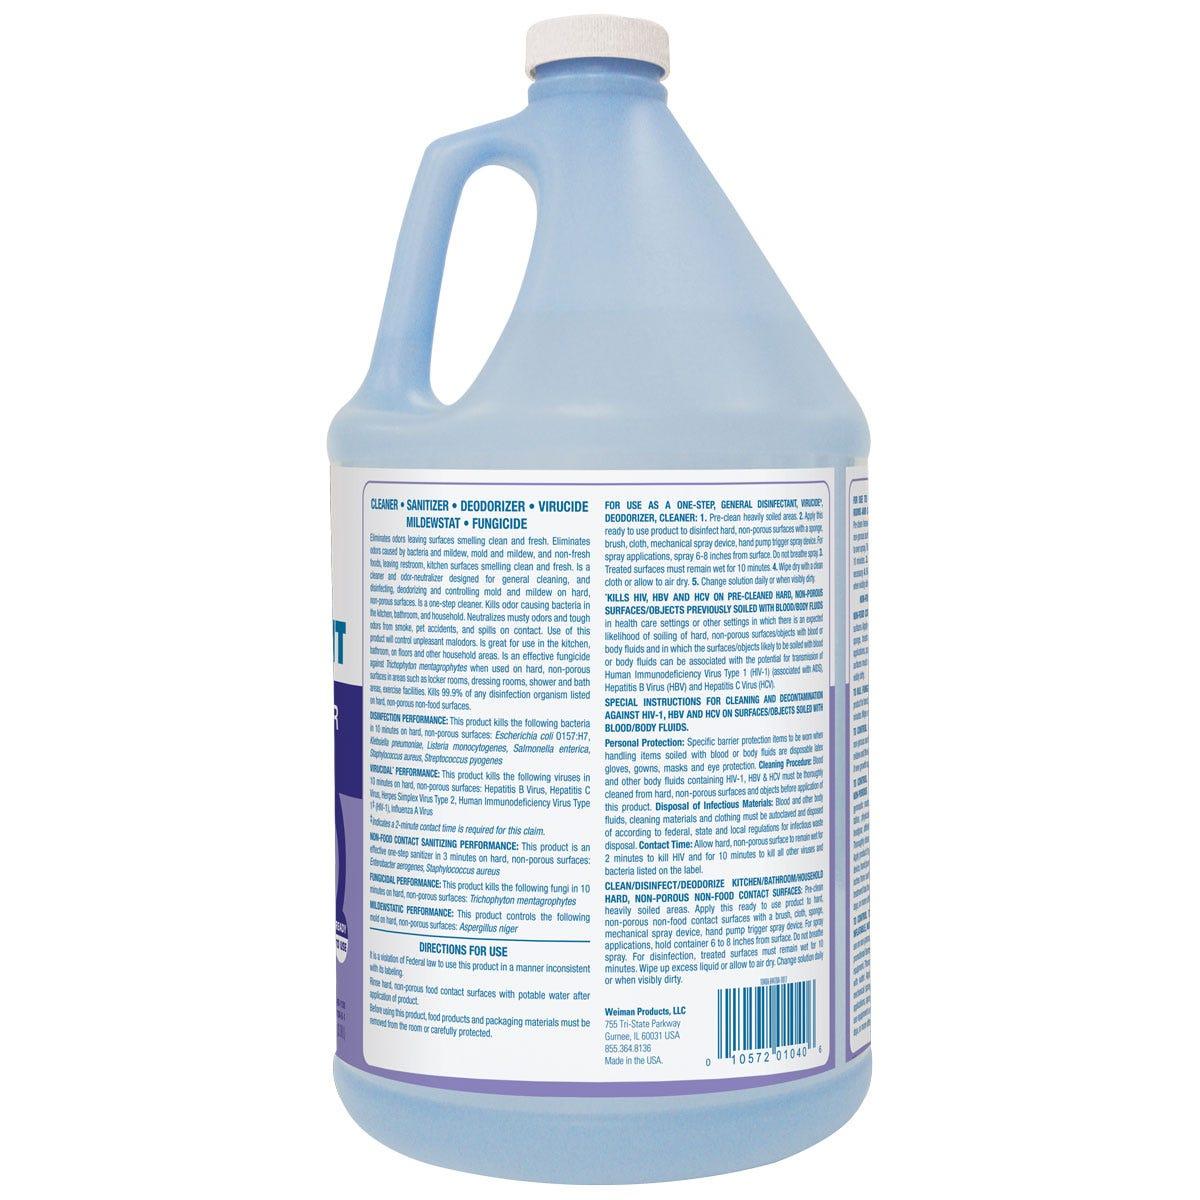 Lavender odor eliminator back label